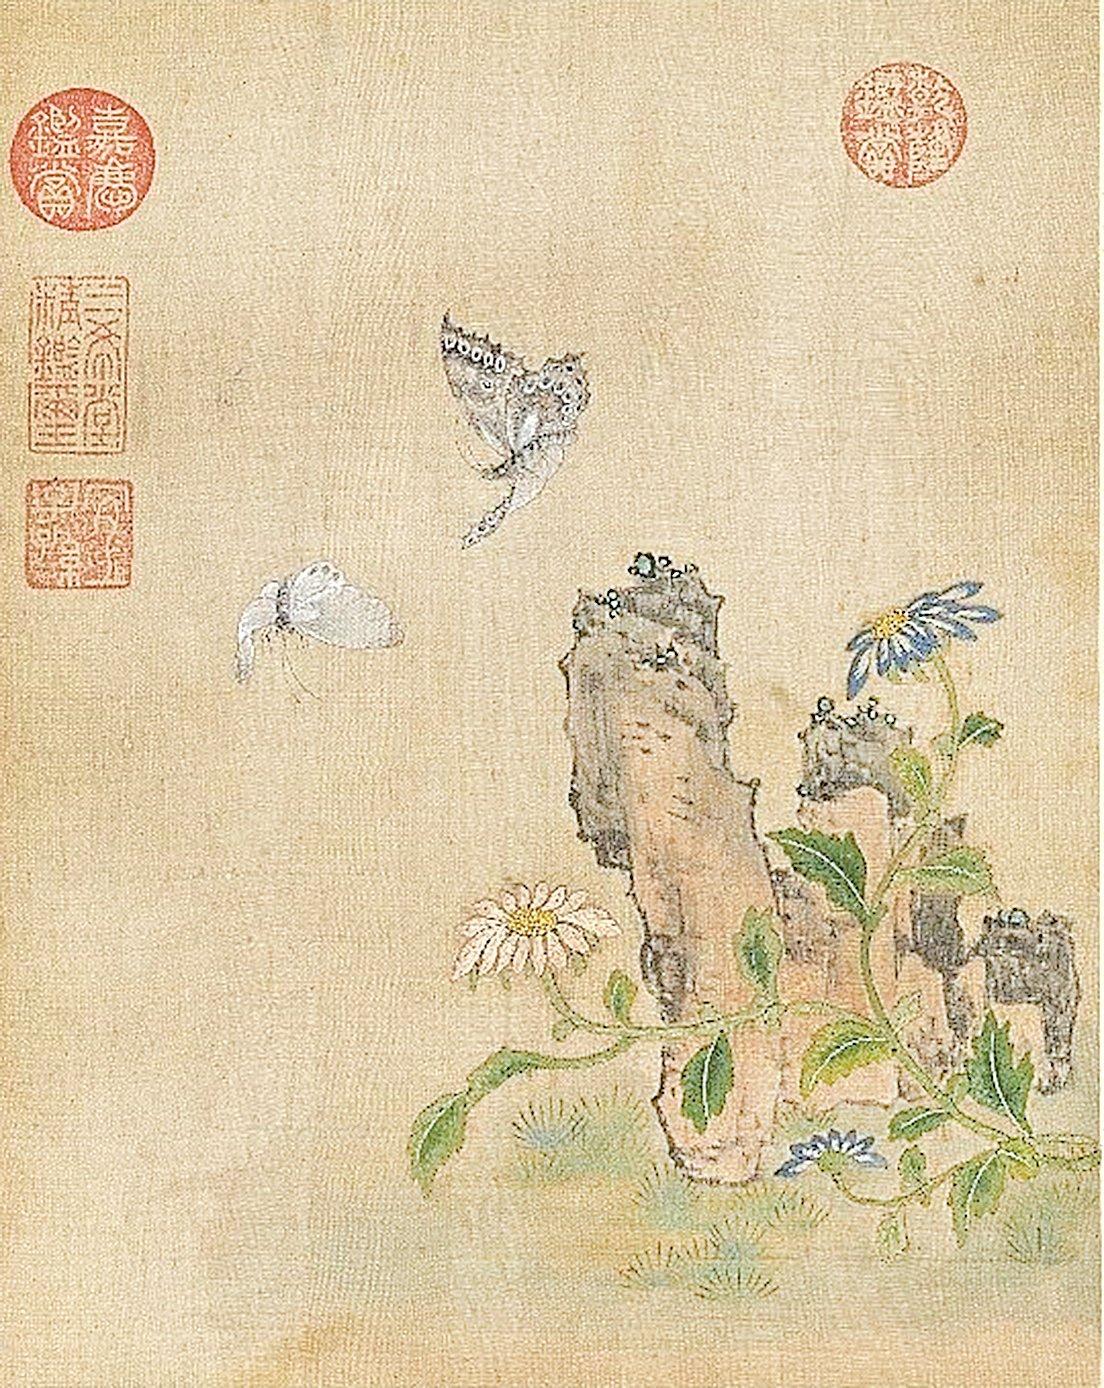 清‧繡繪花鳥冊《菊花飛蝶》(公有領域)